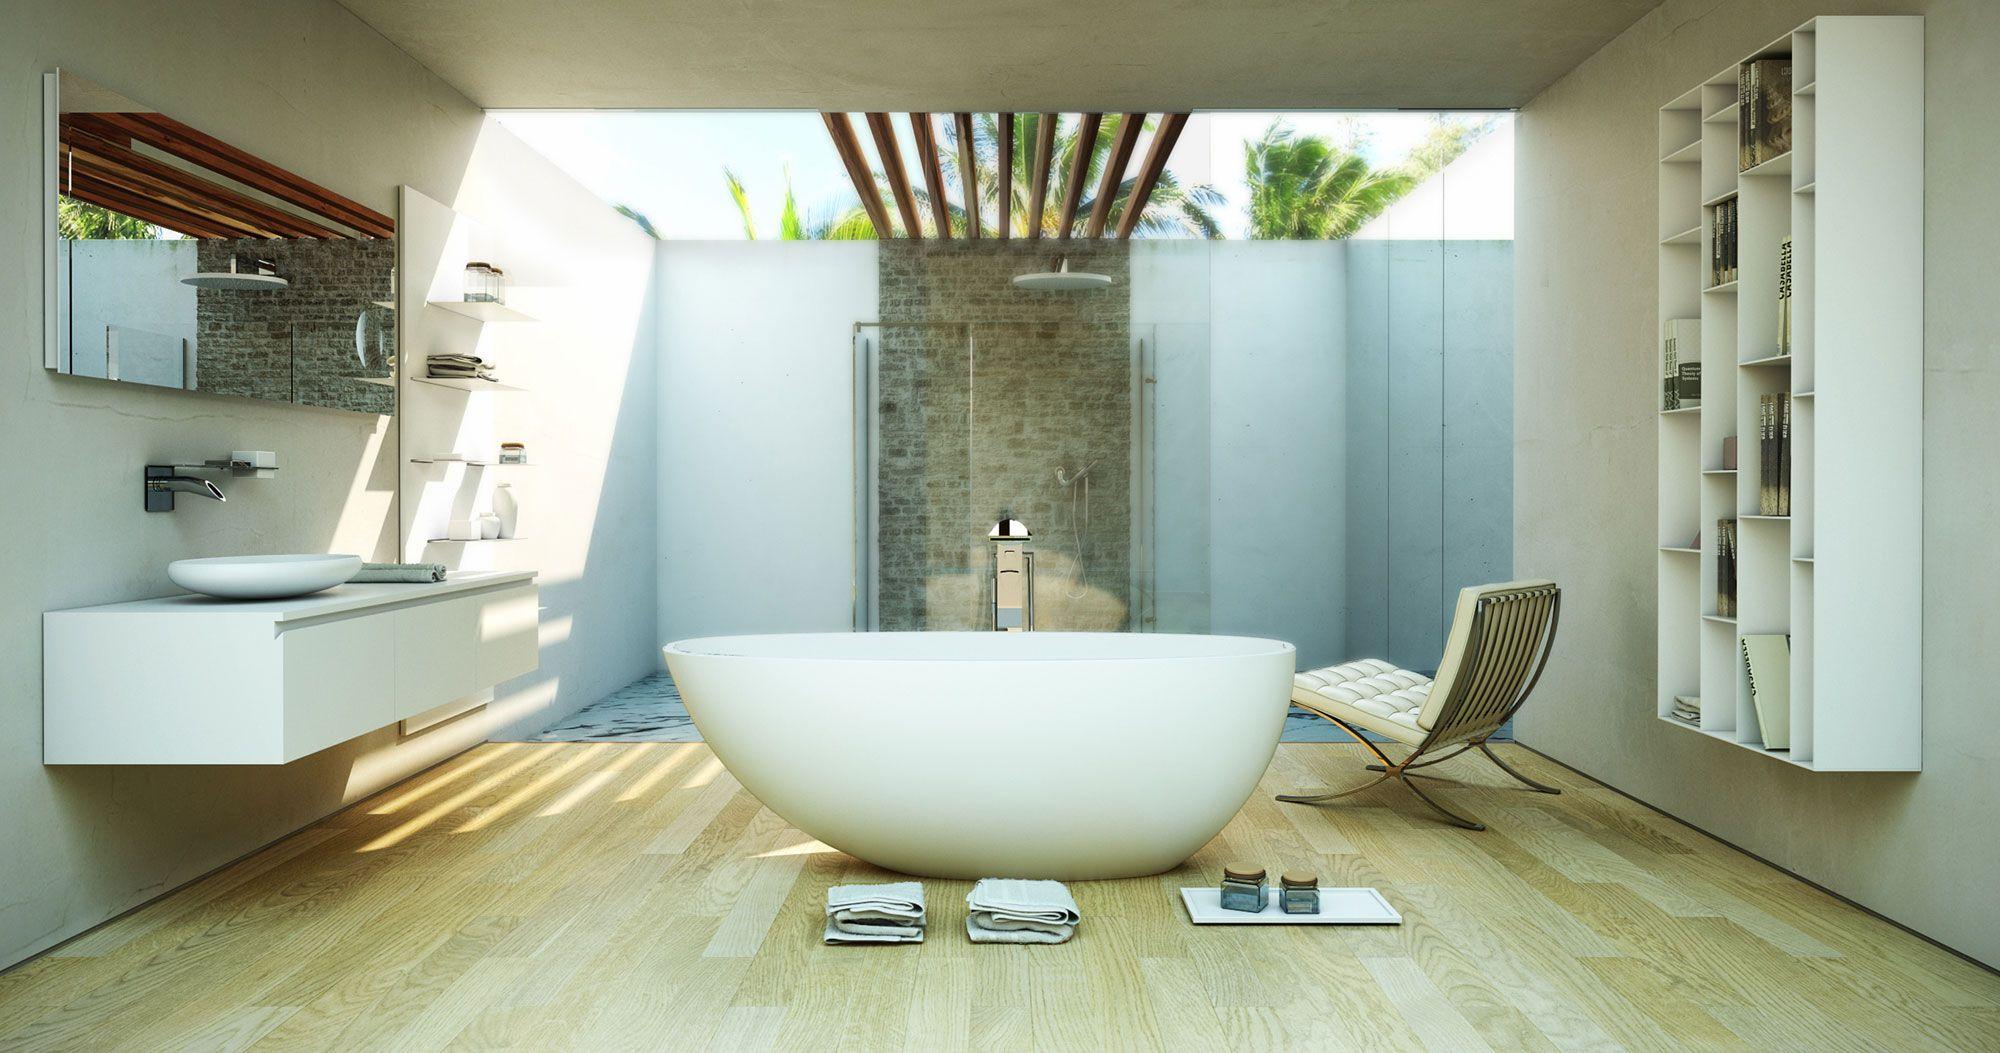 Luxury Bathroom Richner Badezimmer Einrichtung Luxusbadezimmer Moderne Badezimmermobel